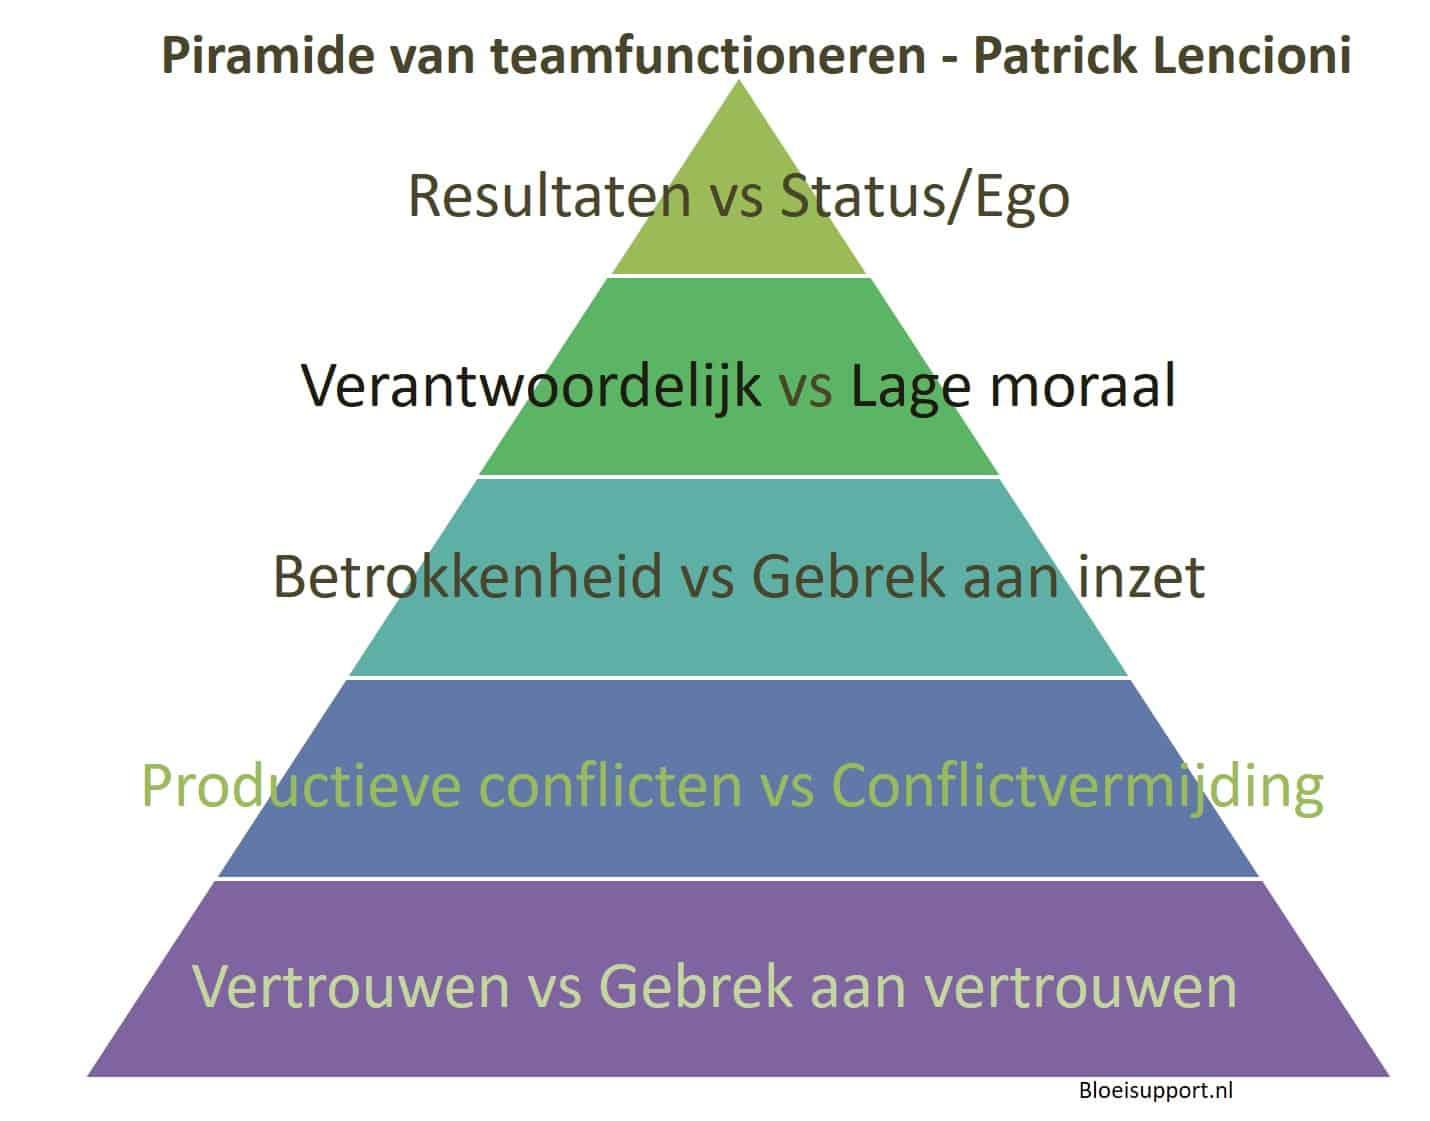 5 aspecten van succesvol teamfunctioneren